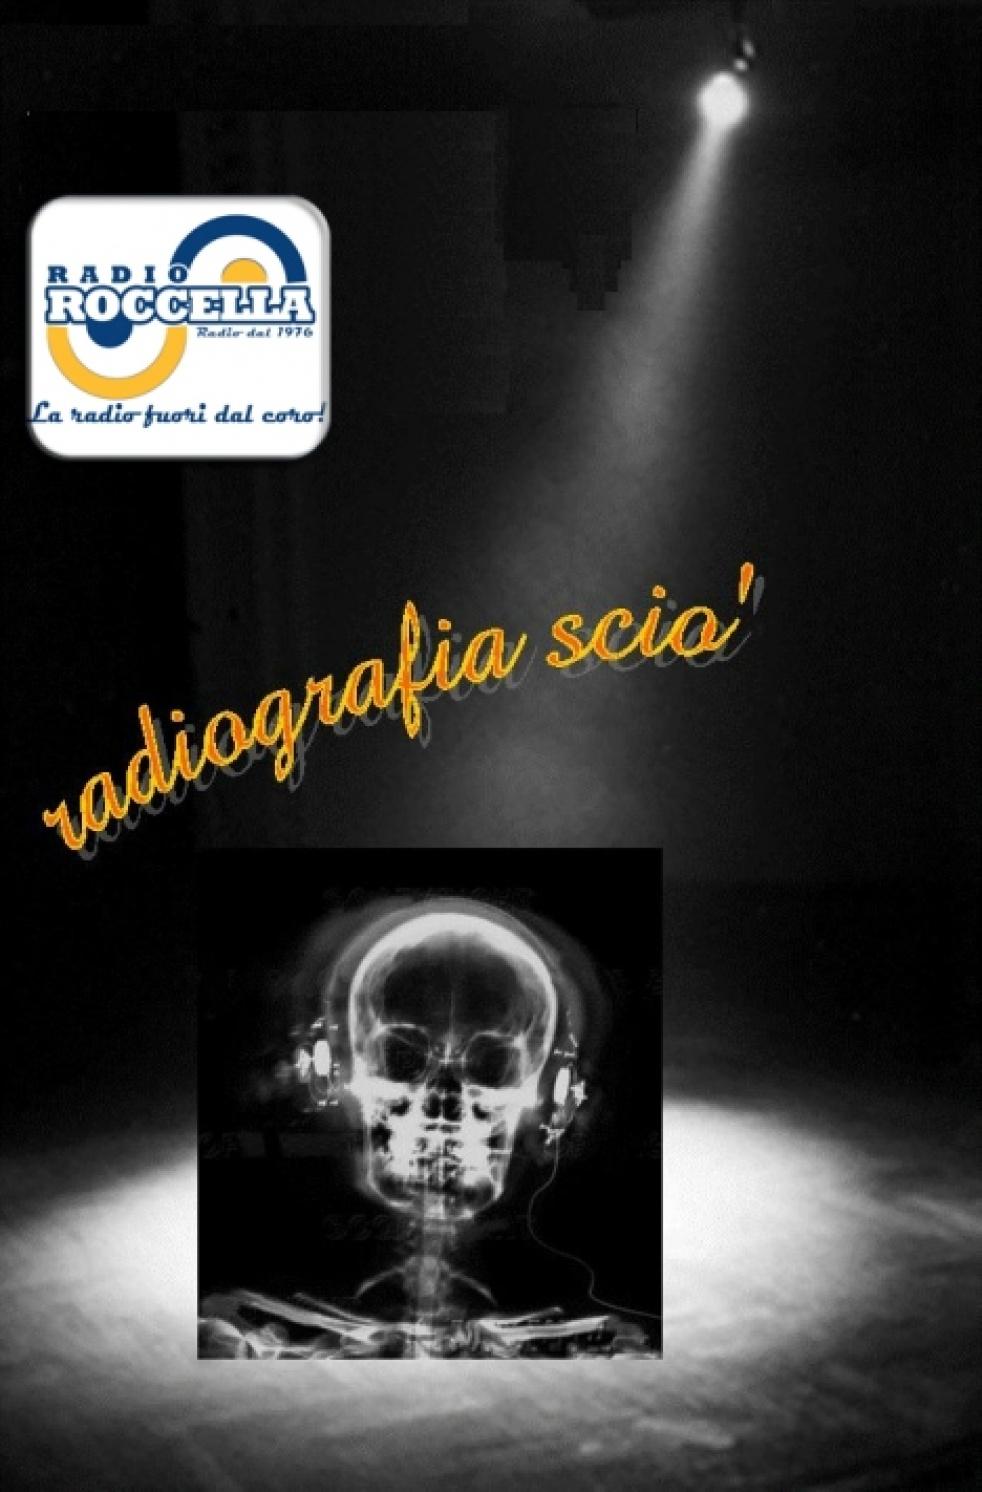 RADIOGRAFIA SCIO' - show cover